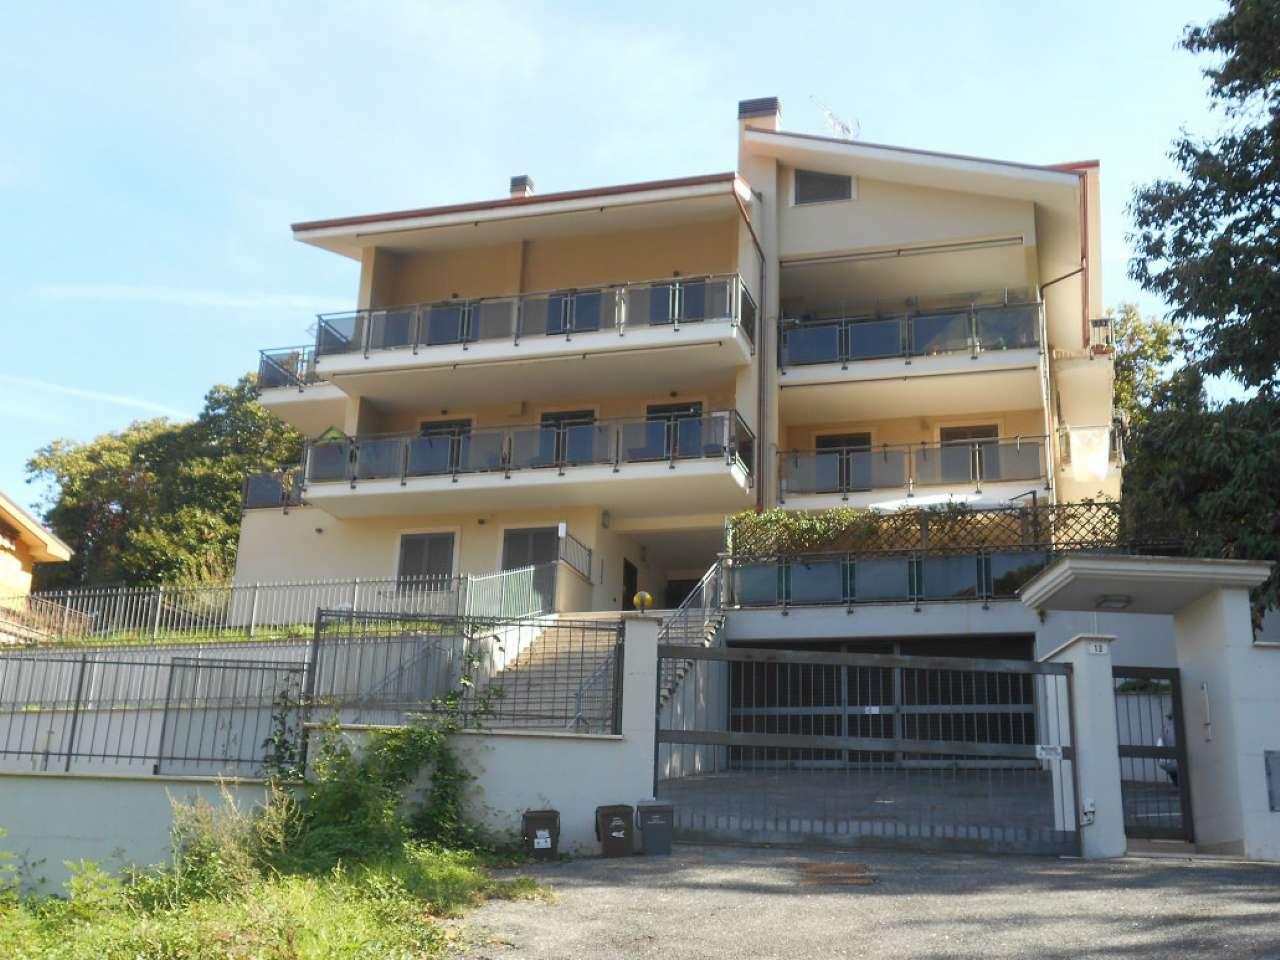 Appartamento in vendita a Monte Compatri, 2 locali, prezzo € 77.500 | CambioCasa.it